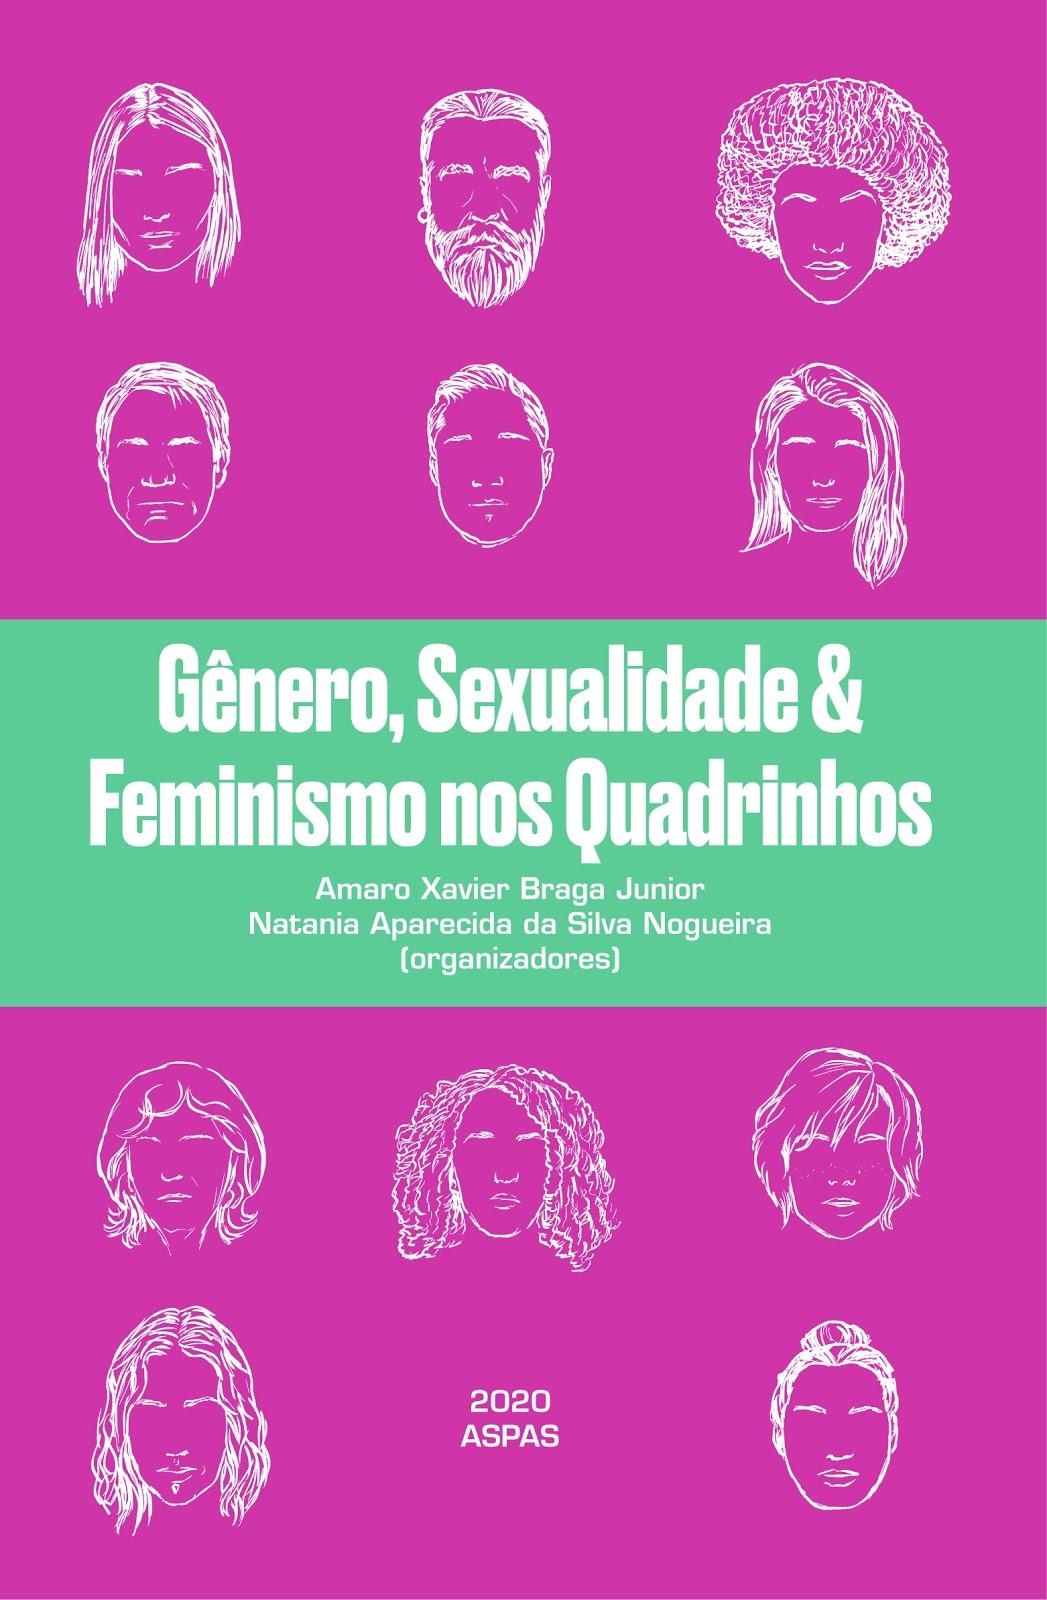 LIVRO: GÊNERO, SEXUALIDADE & FEMINISMO NOS QUADRINHOS